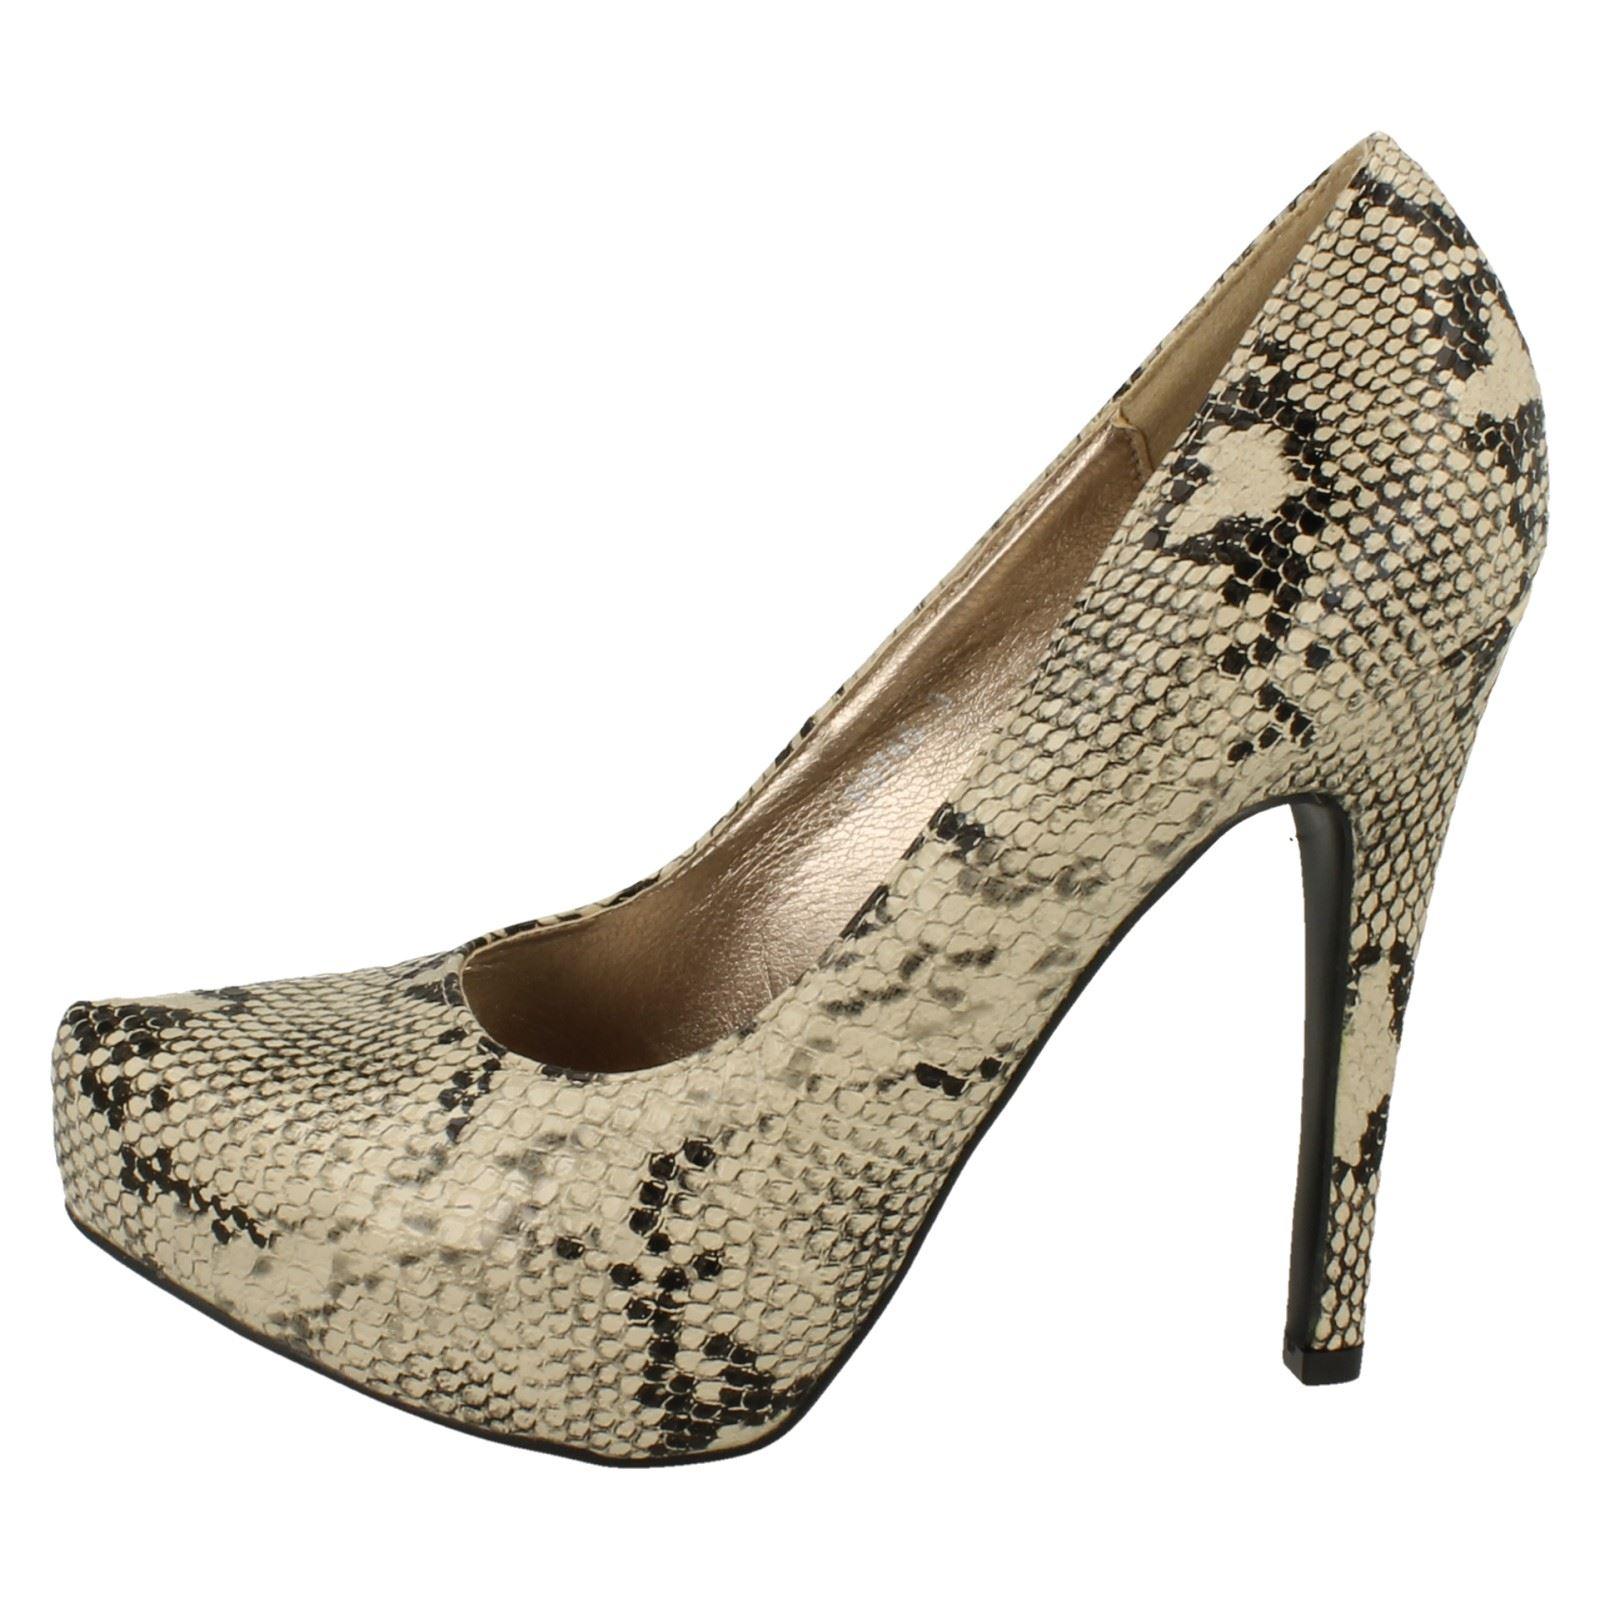 Damas Spot On High Heel Platform Court Shoes